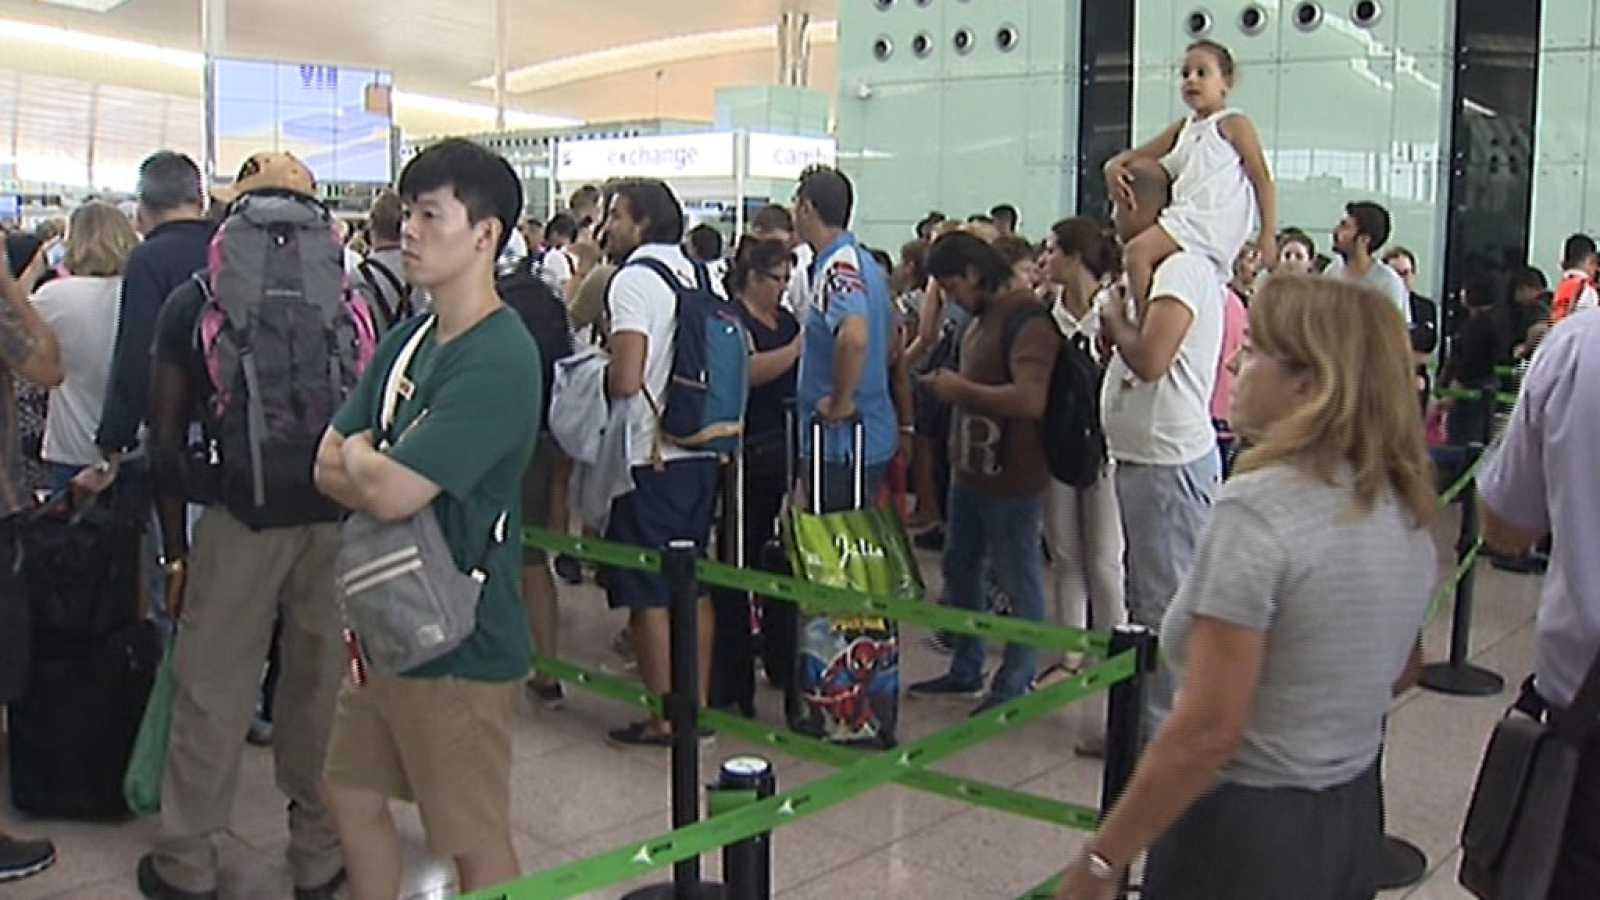 Nueva jornada de colas en el aeropuerto de Barcelona